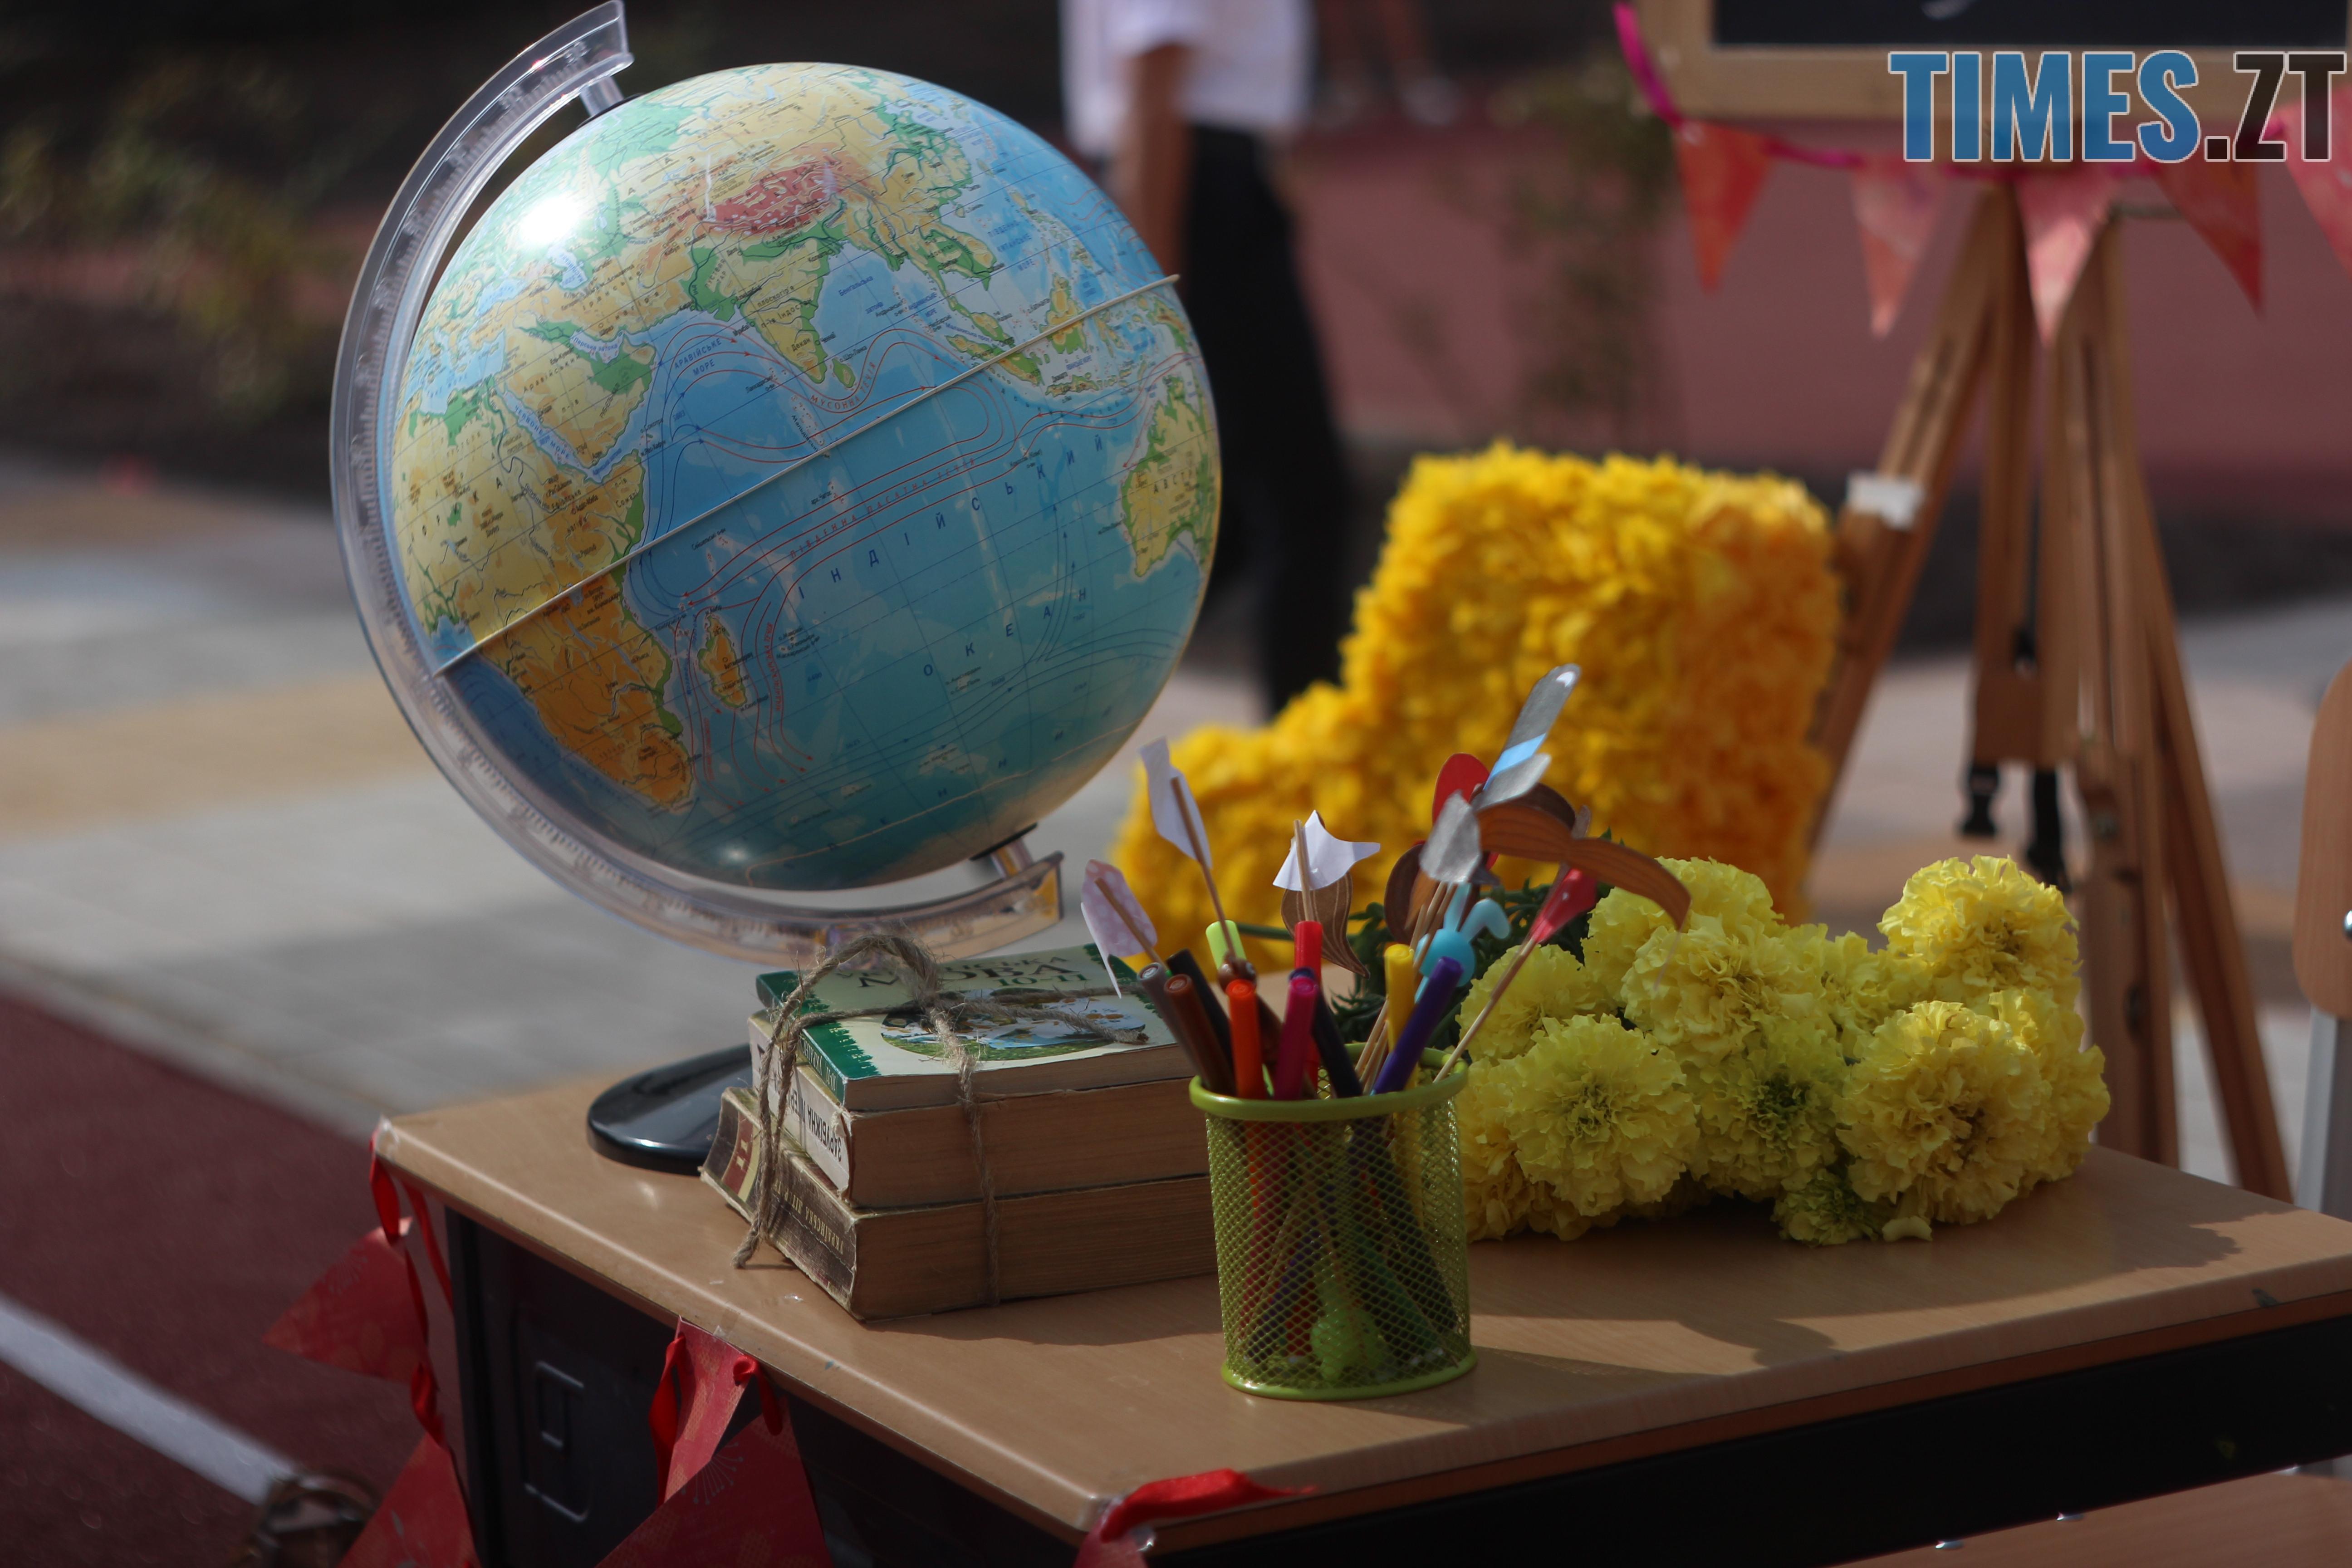 IMG 8894 - Майже 4 тисячі житомирських першокласників навчатимуться за системою Нової української школи (ФОТОРЕПОРТАЖ)